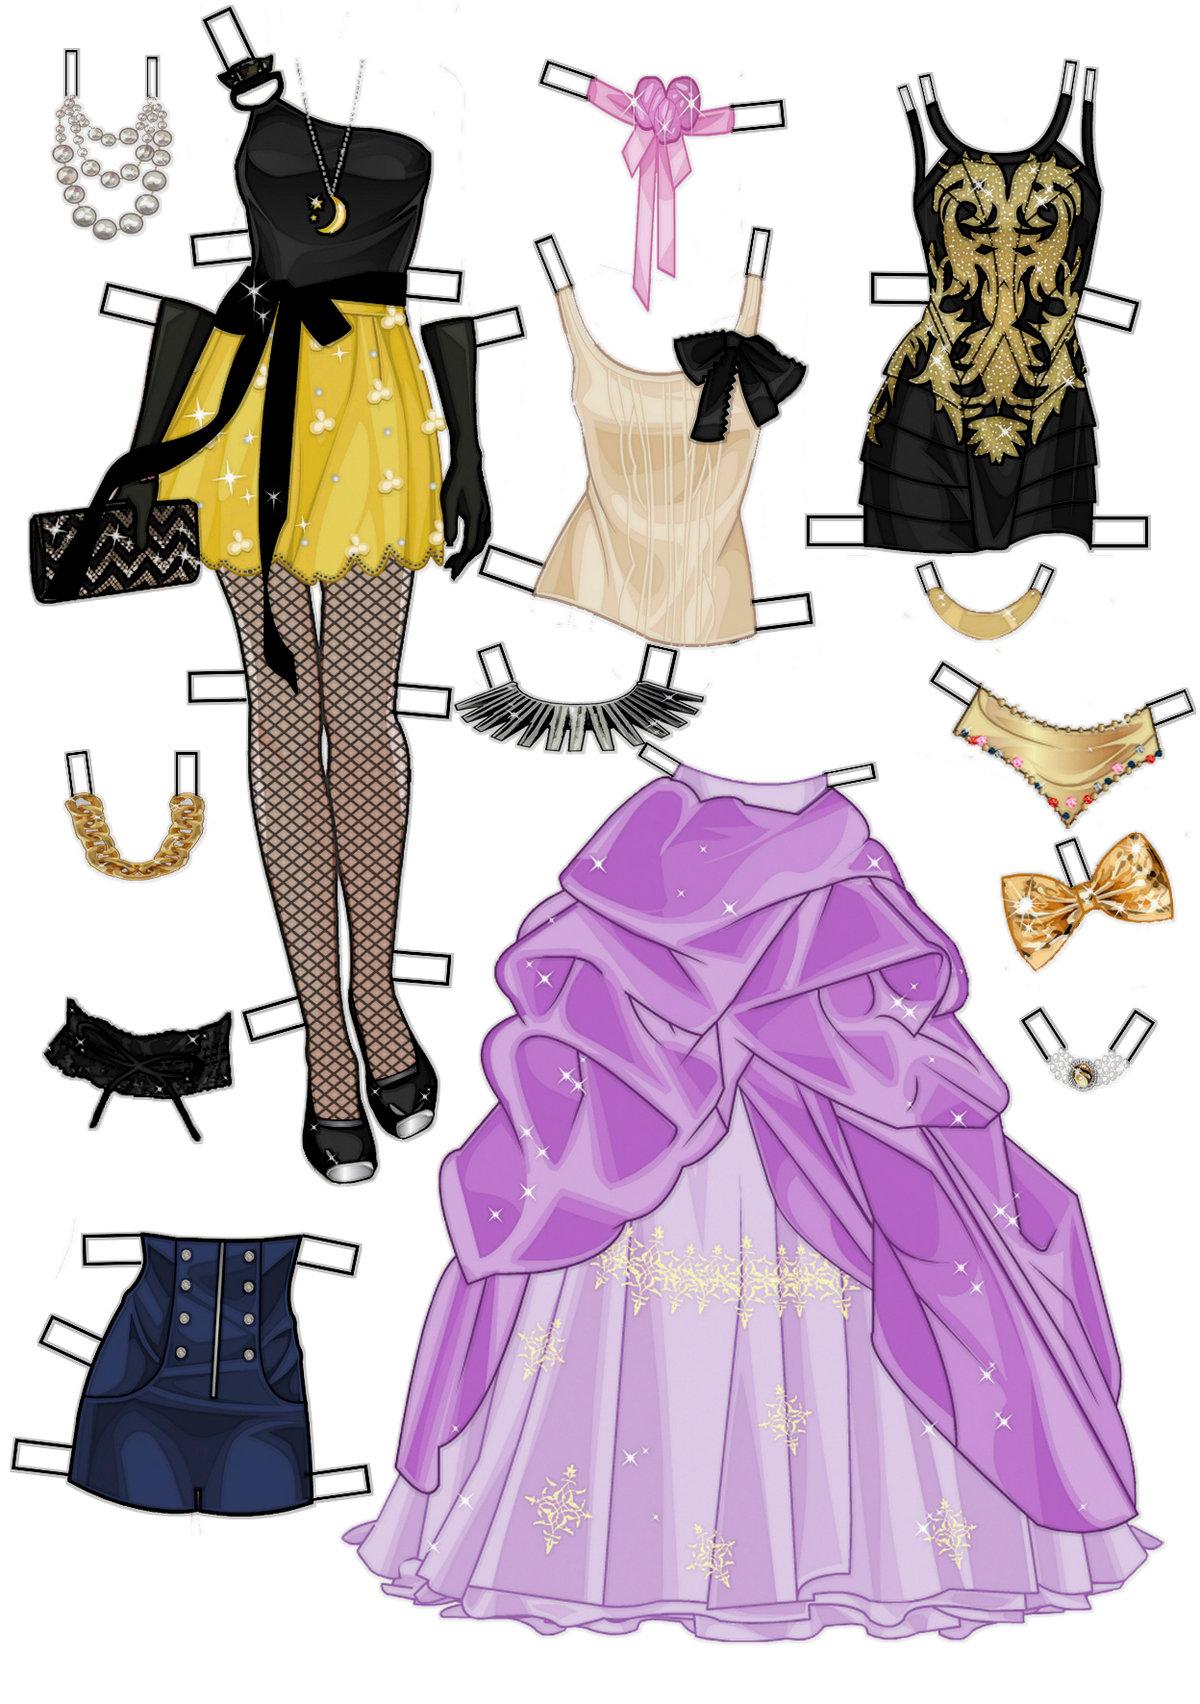 картинки наборы барби с одеждой для вырезания ирины